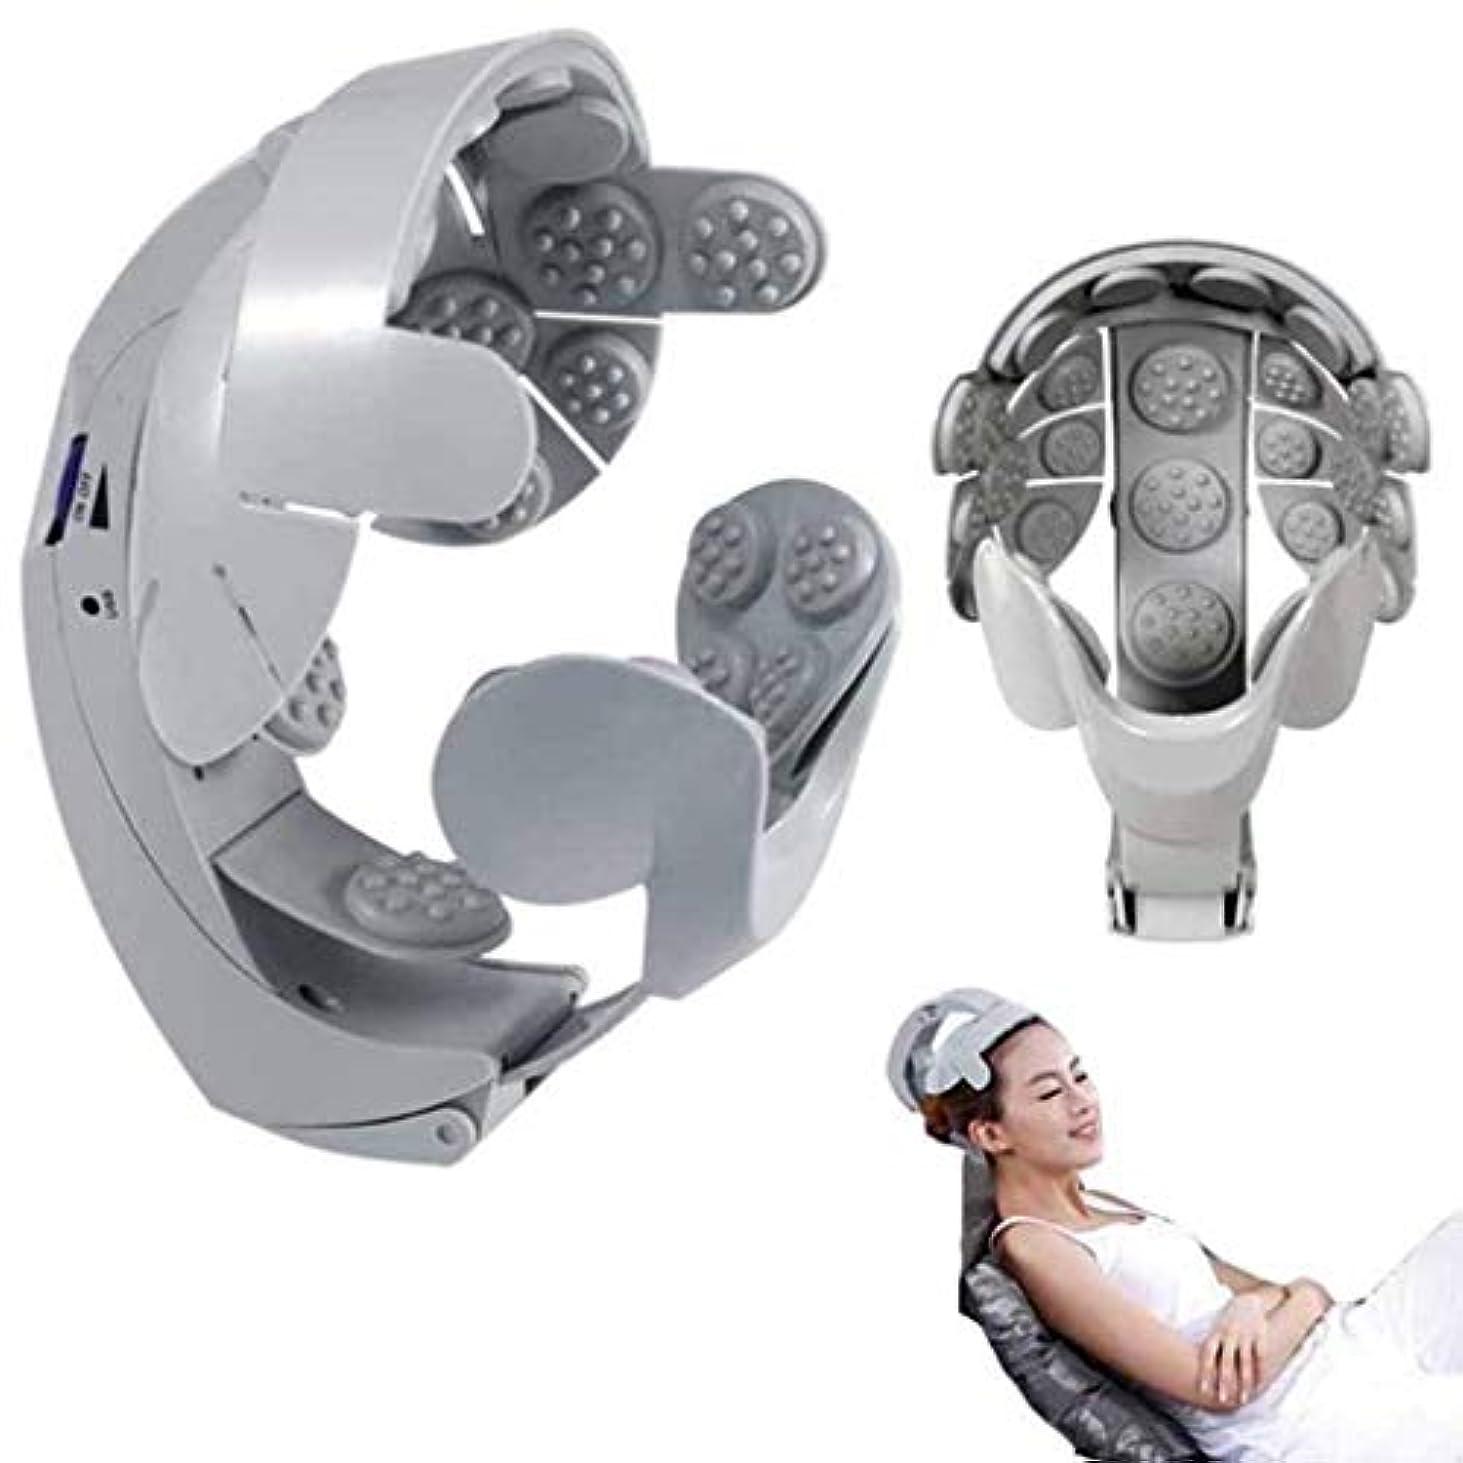 カプラー自分の化学電気ヘッドマッサージャー、8調整可能なヘルメット頭皮鍼治療のポイント、ユーザーフレンドリーなデザイン、脳マッサージは簡単です